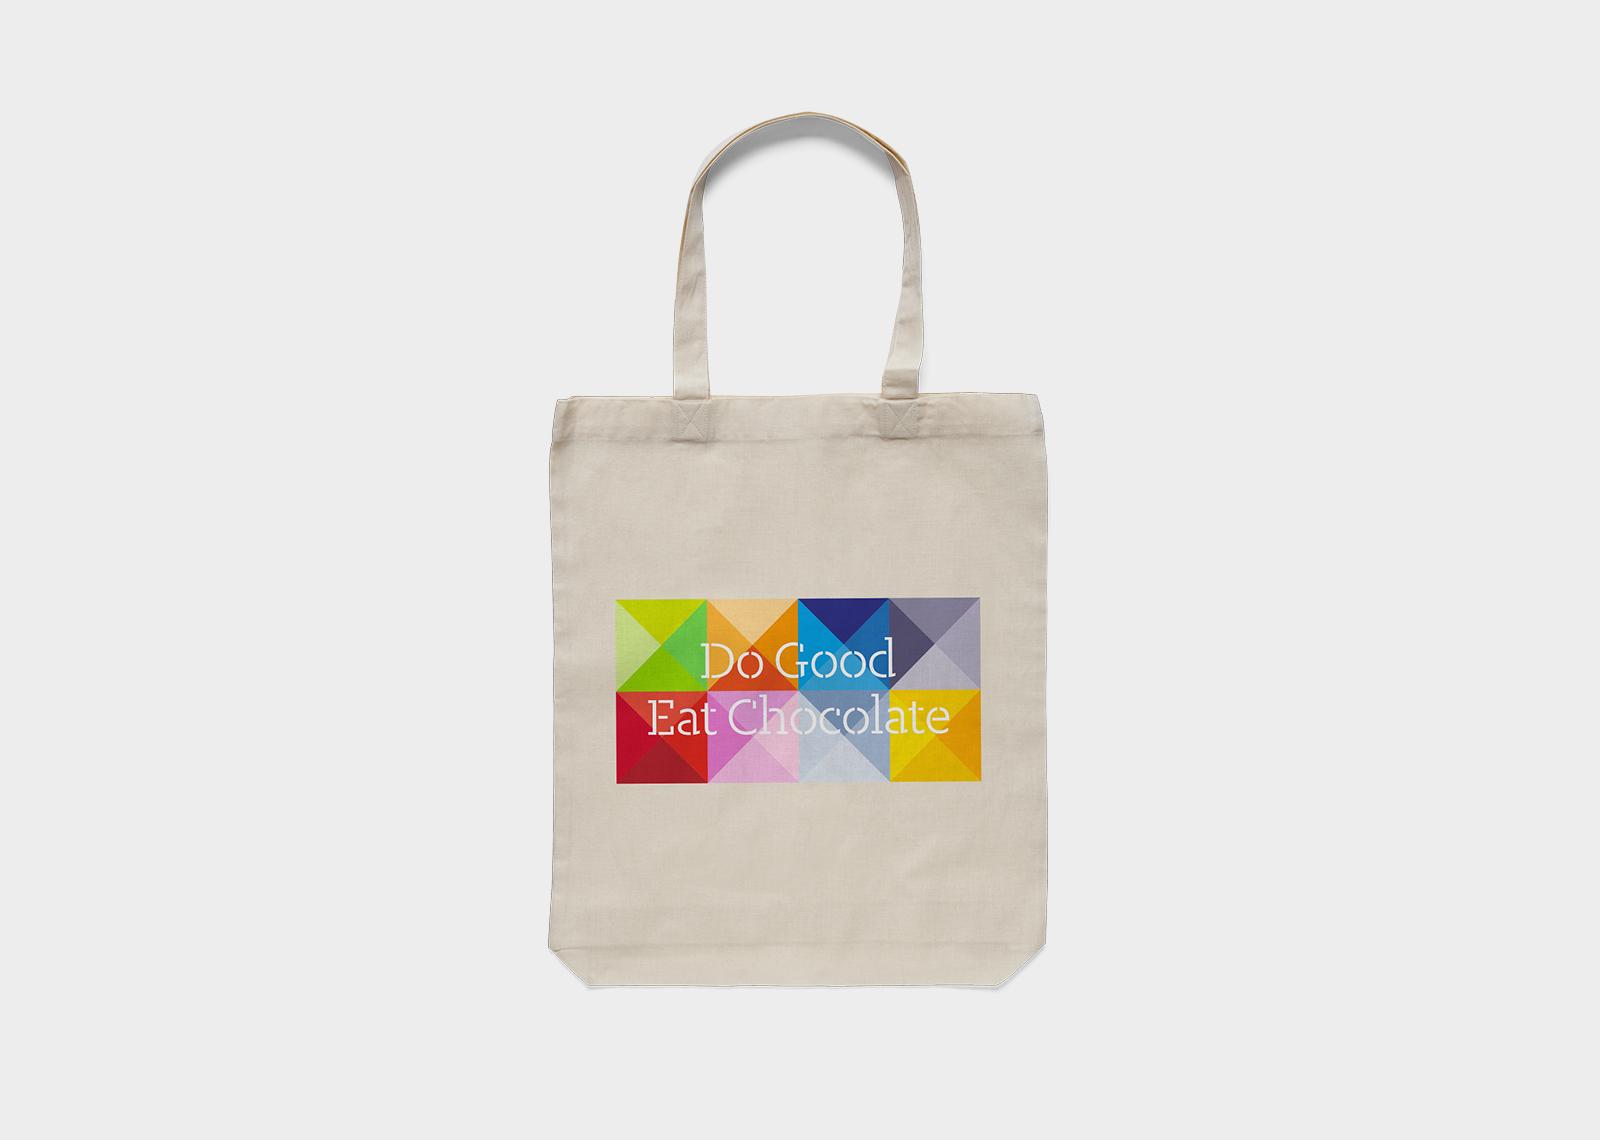 WeeChoco-Brand-And-Packaging-Design-Sean-Greer-Brand-And-Website-Design-Belfast-04.jpg